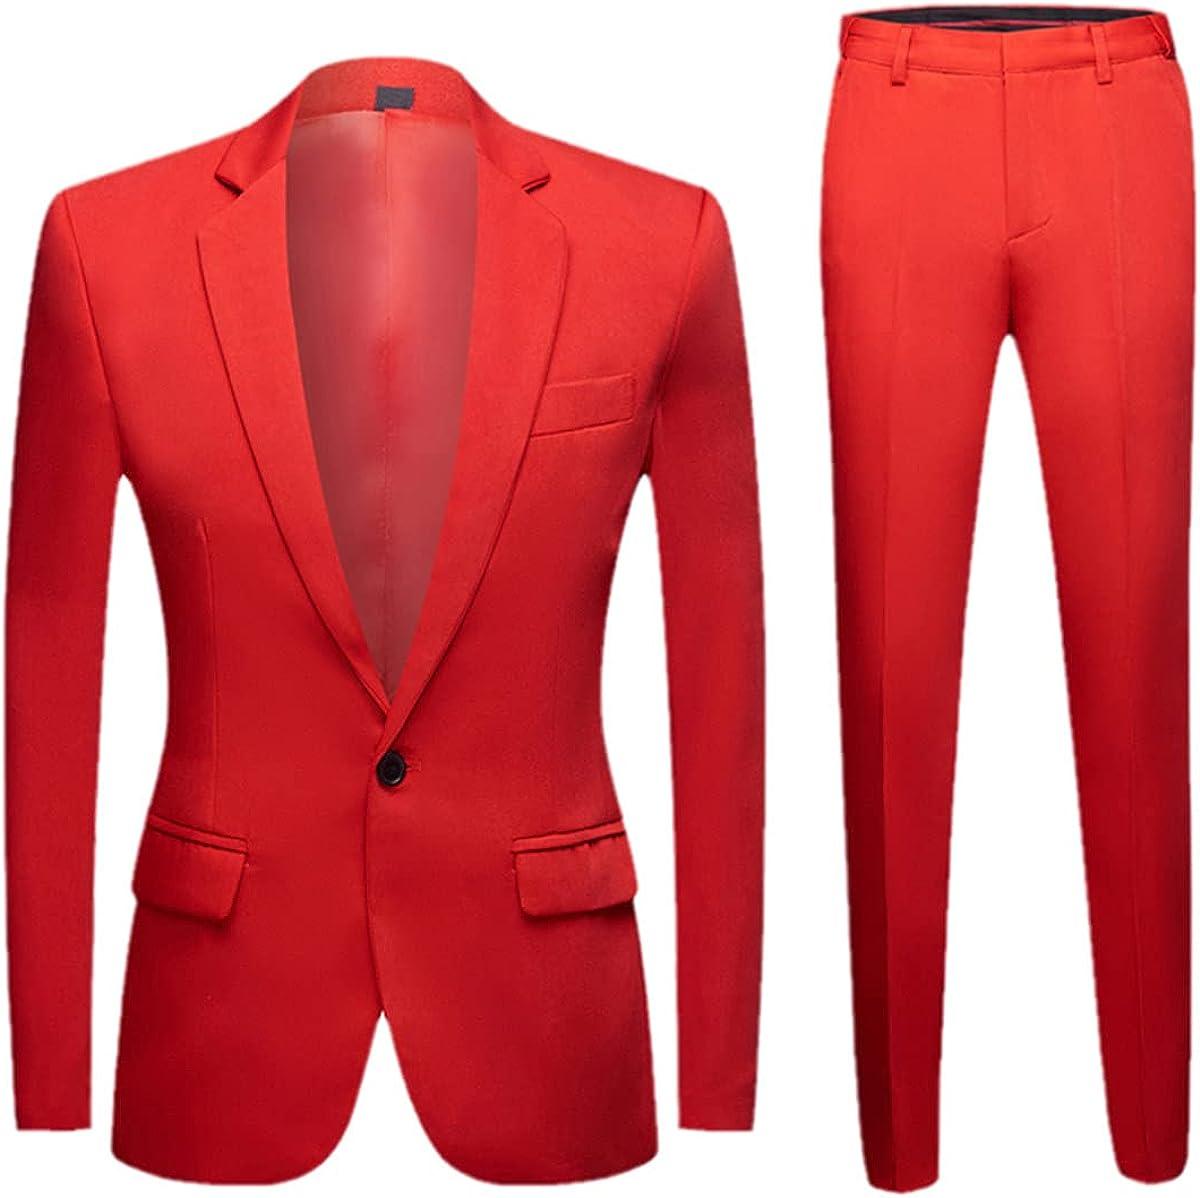 CACLSL Men's Colorful Fashion Wedding Suit XL Yellow Pink Green Blue Purple Suit Jacket Pants 2-Piece Tuxedo